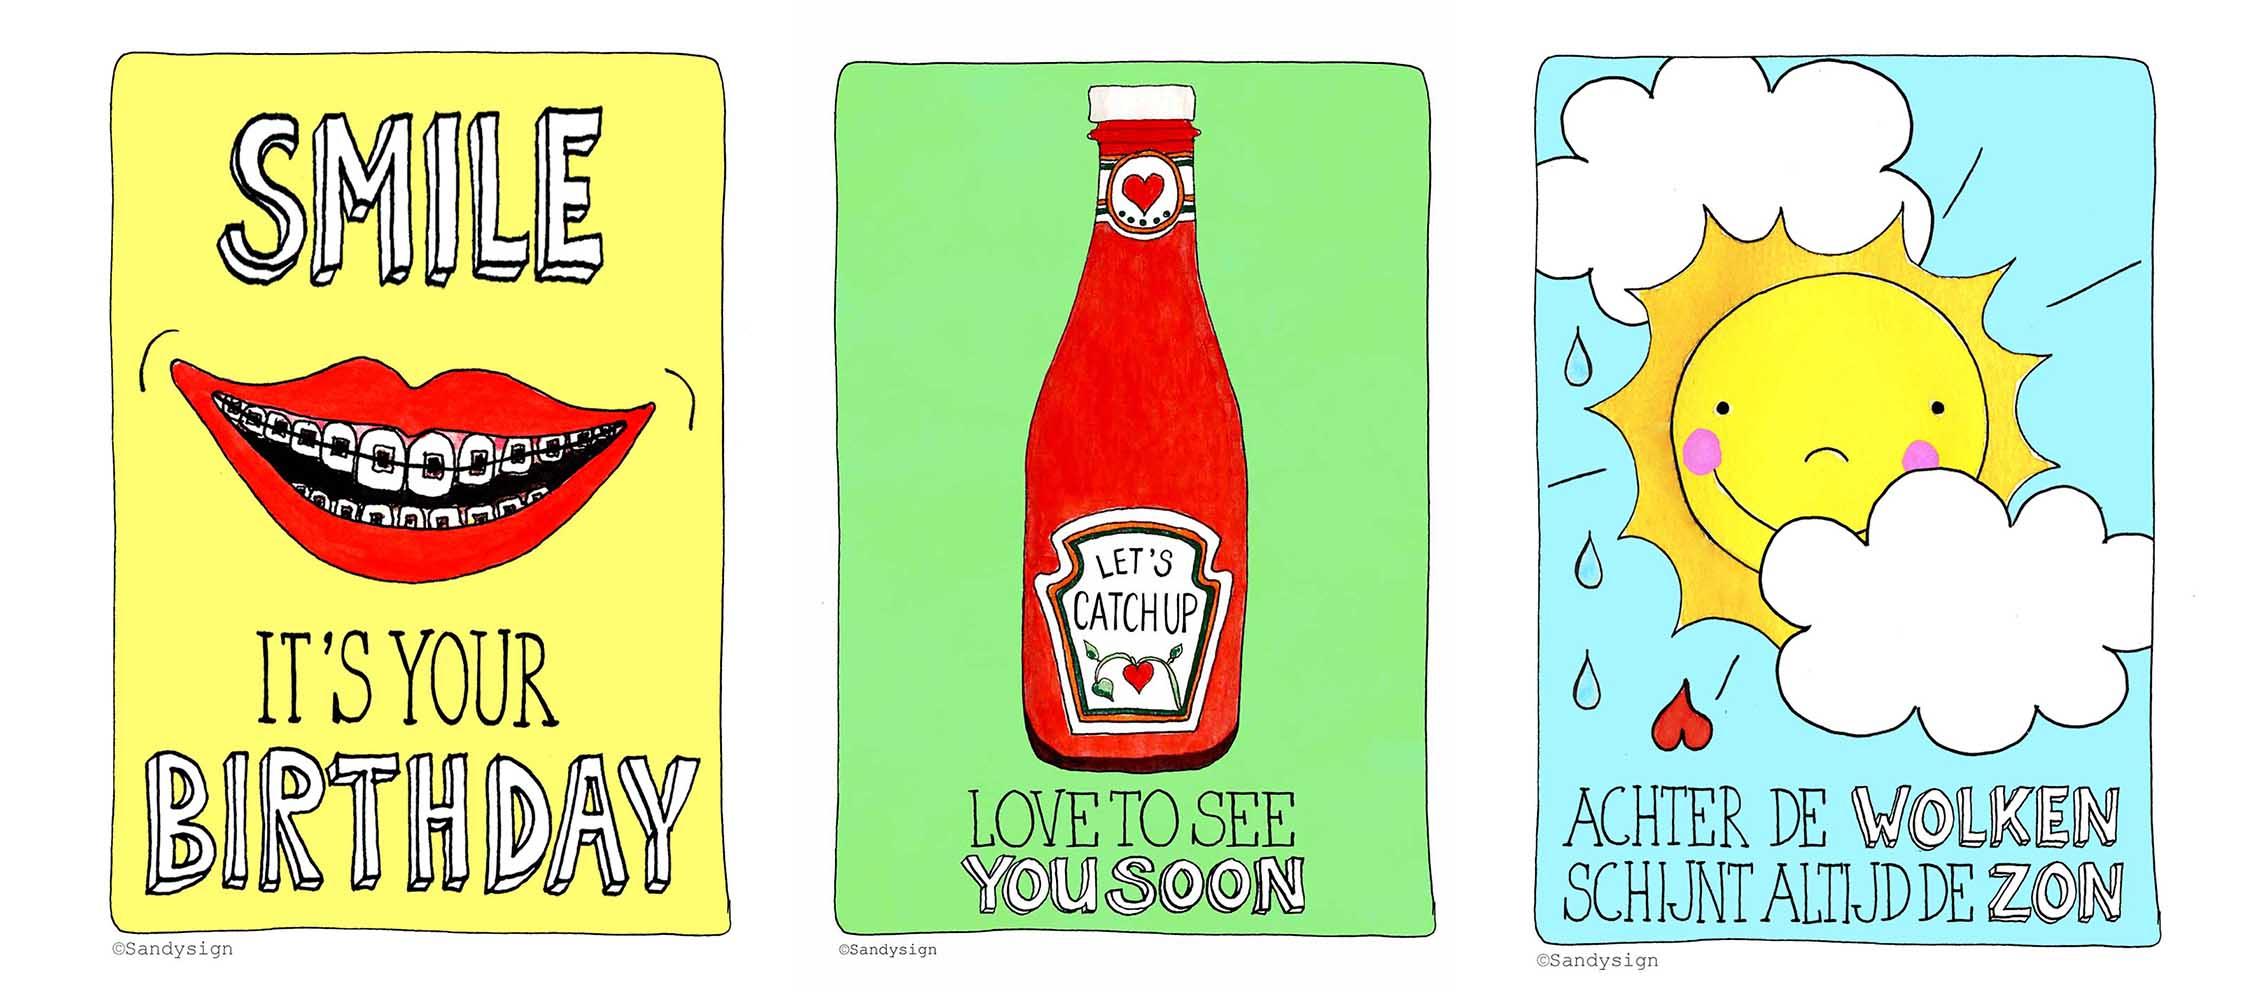 slider-site-beugel-zon-ketchup